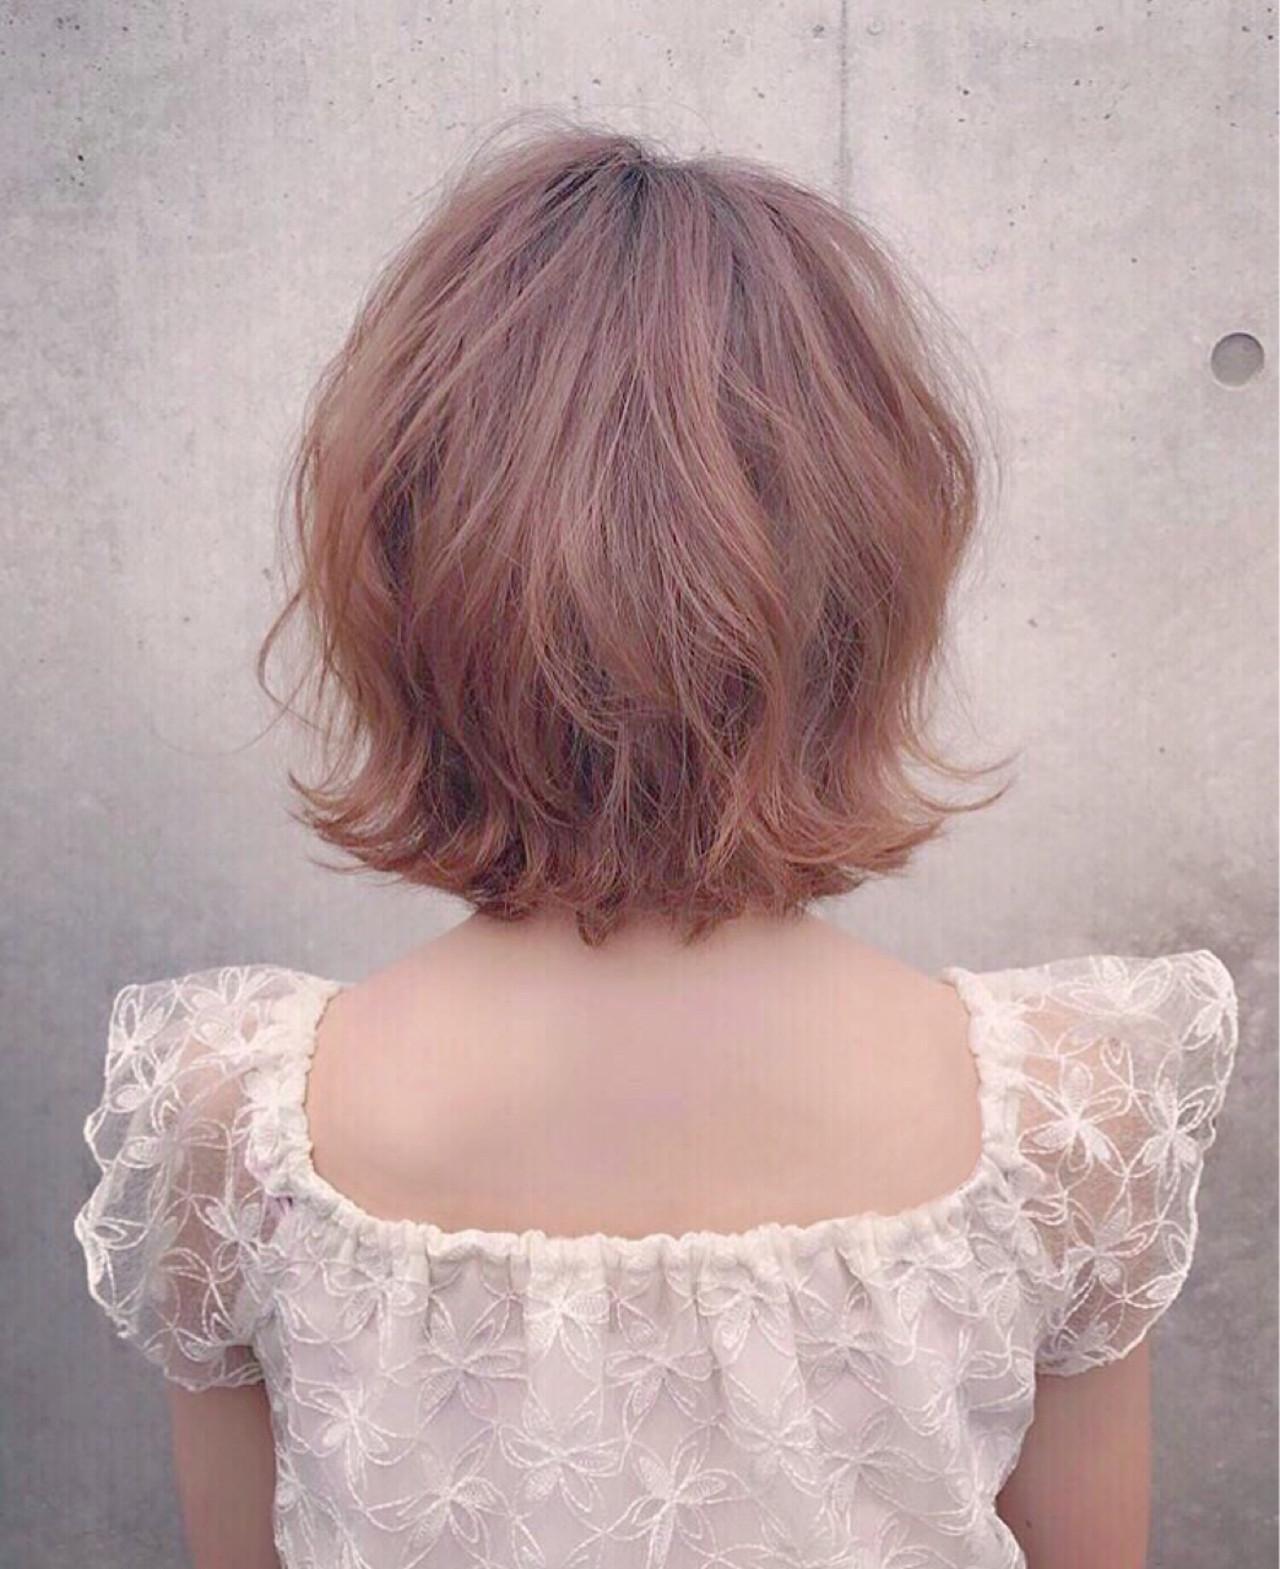 フェミニンな髪色でモテを目指す!ピンクアッシュでつくるスウィートヘア たかぎあやの